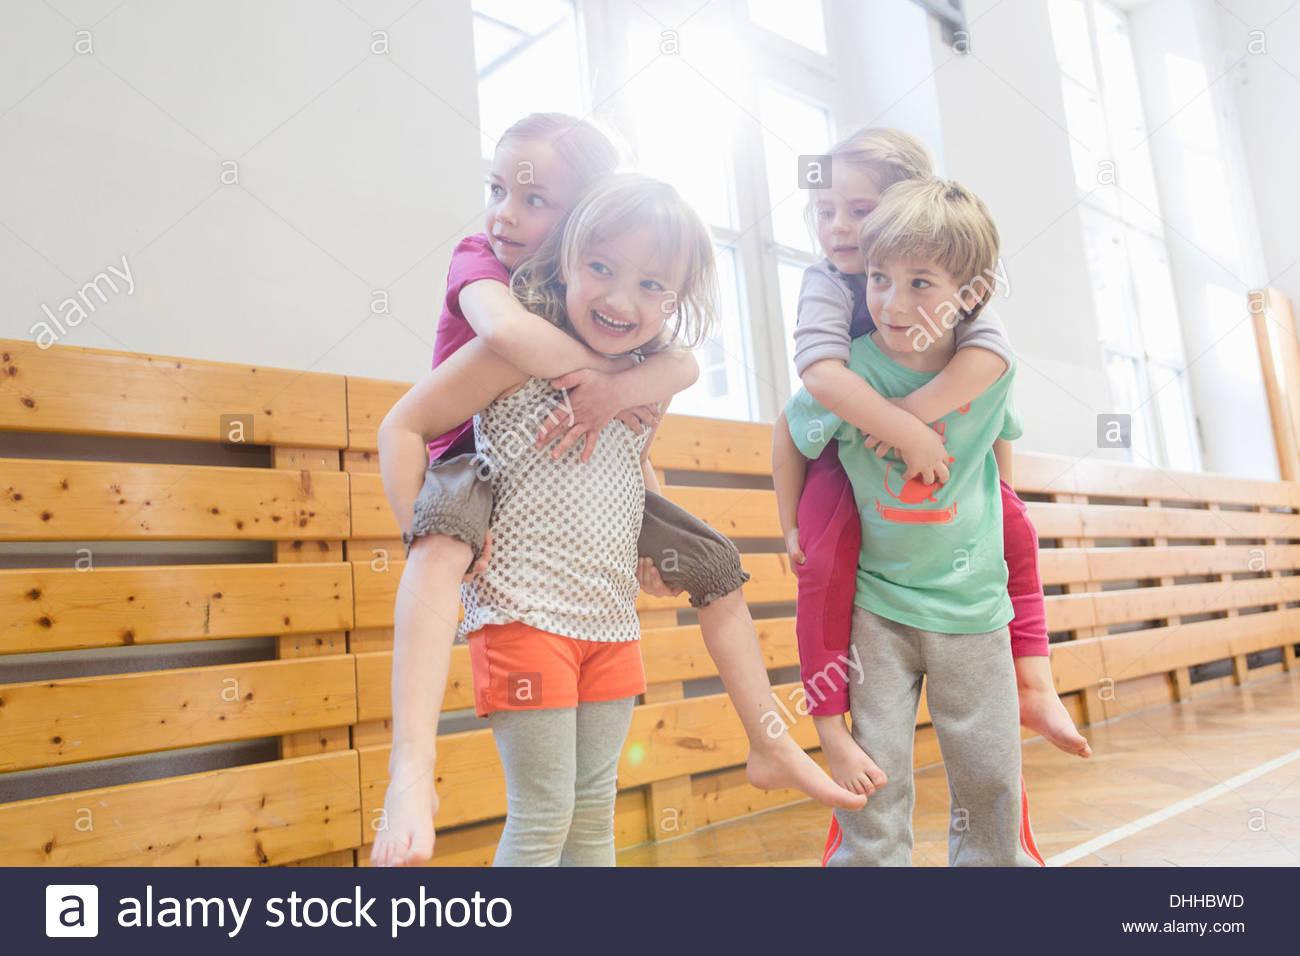 Los niños dando amigos un piggy back Imagen De Stock